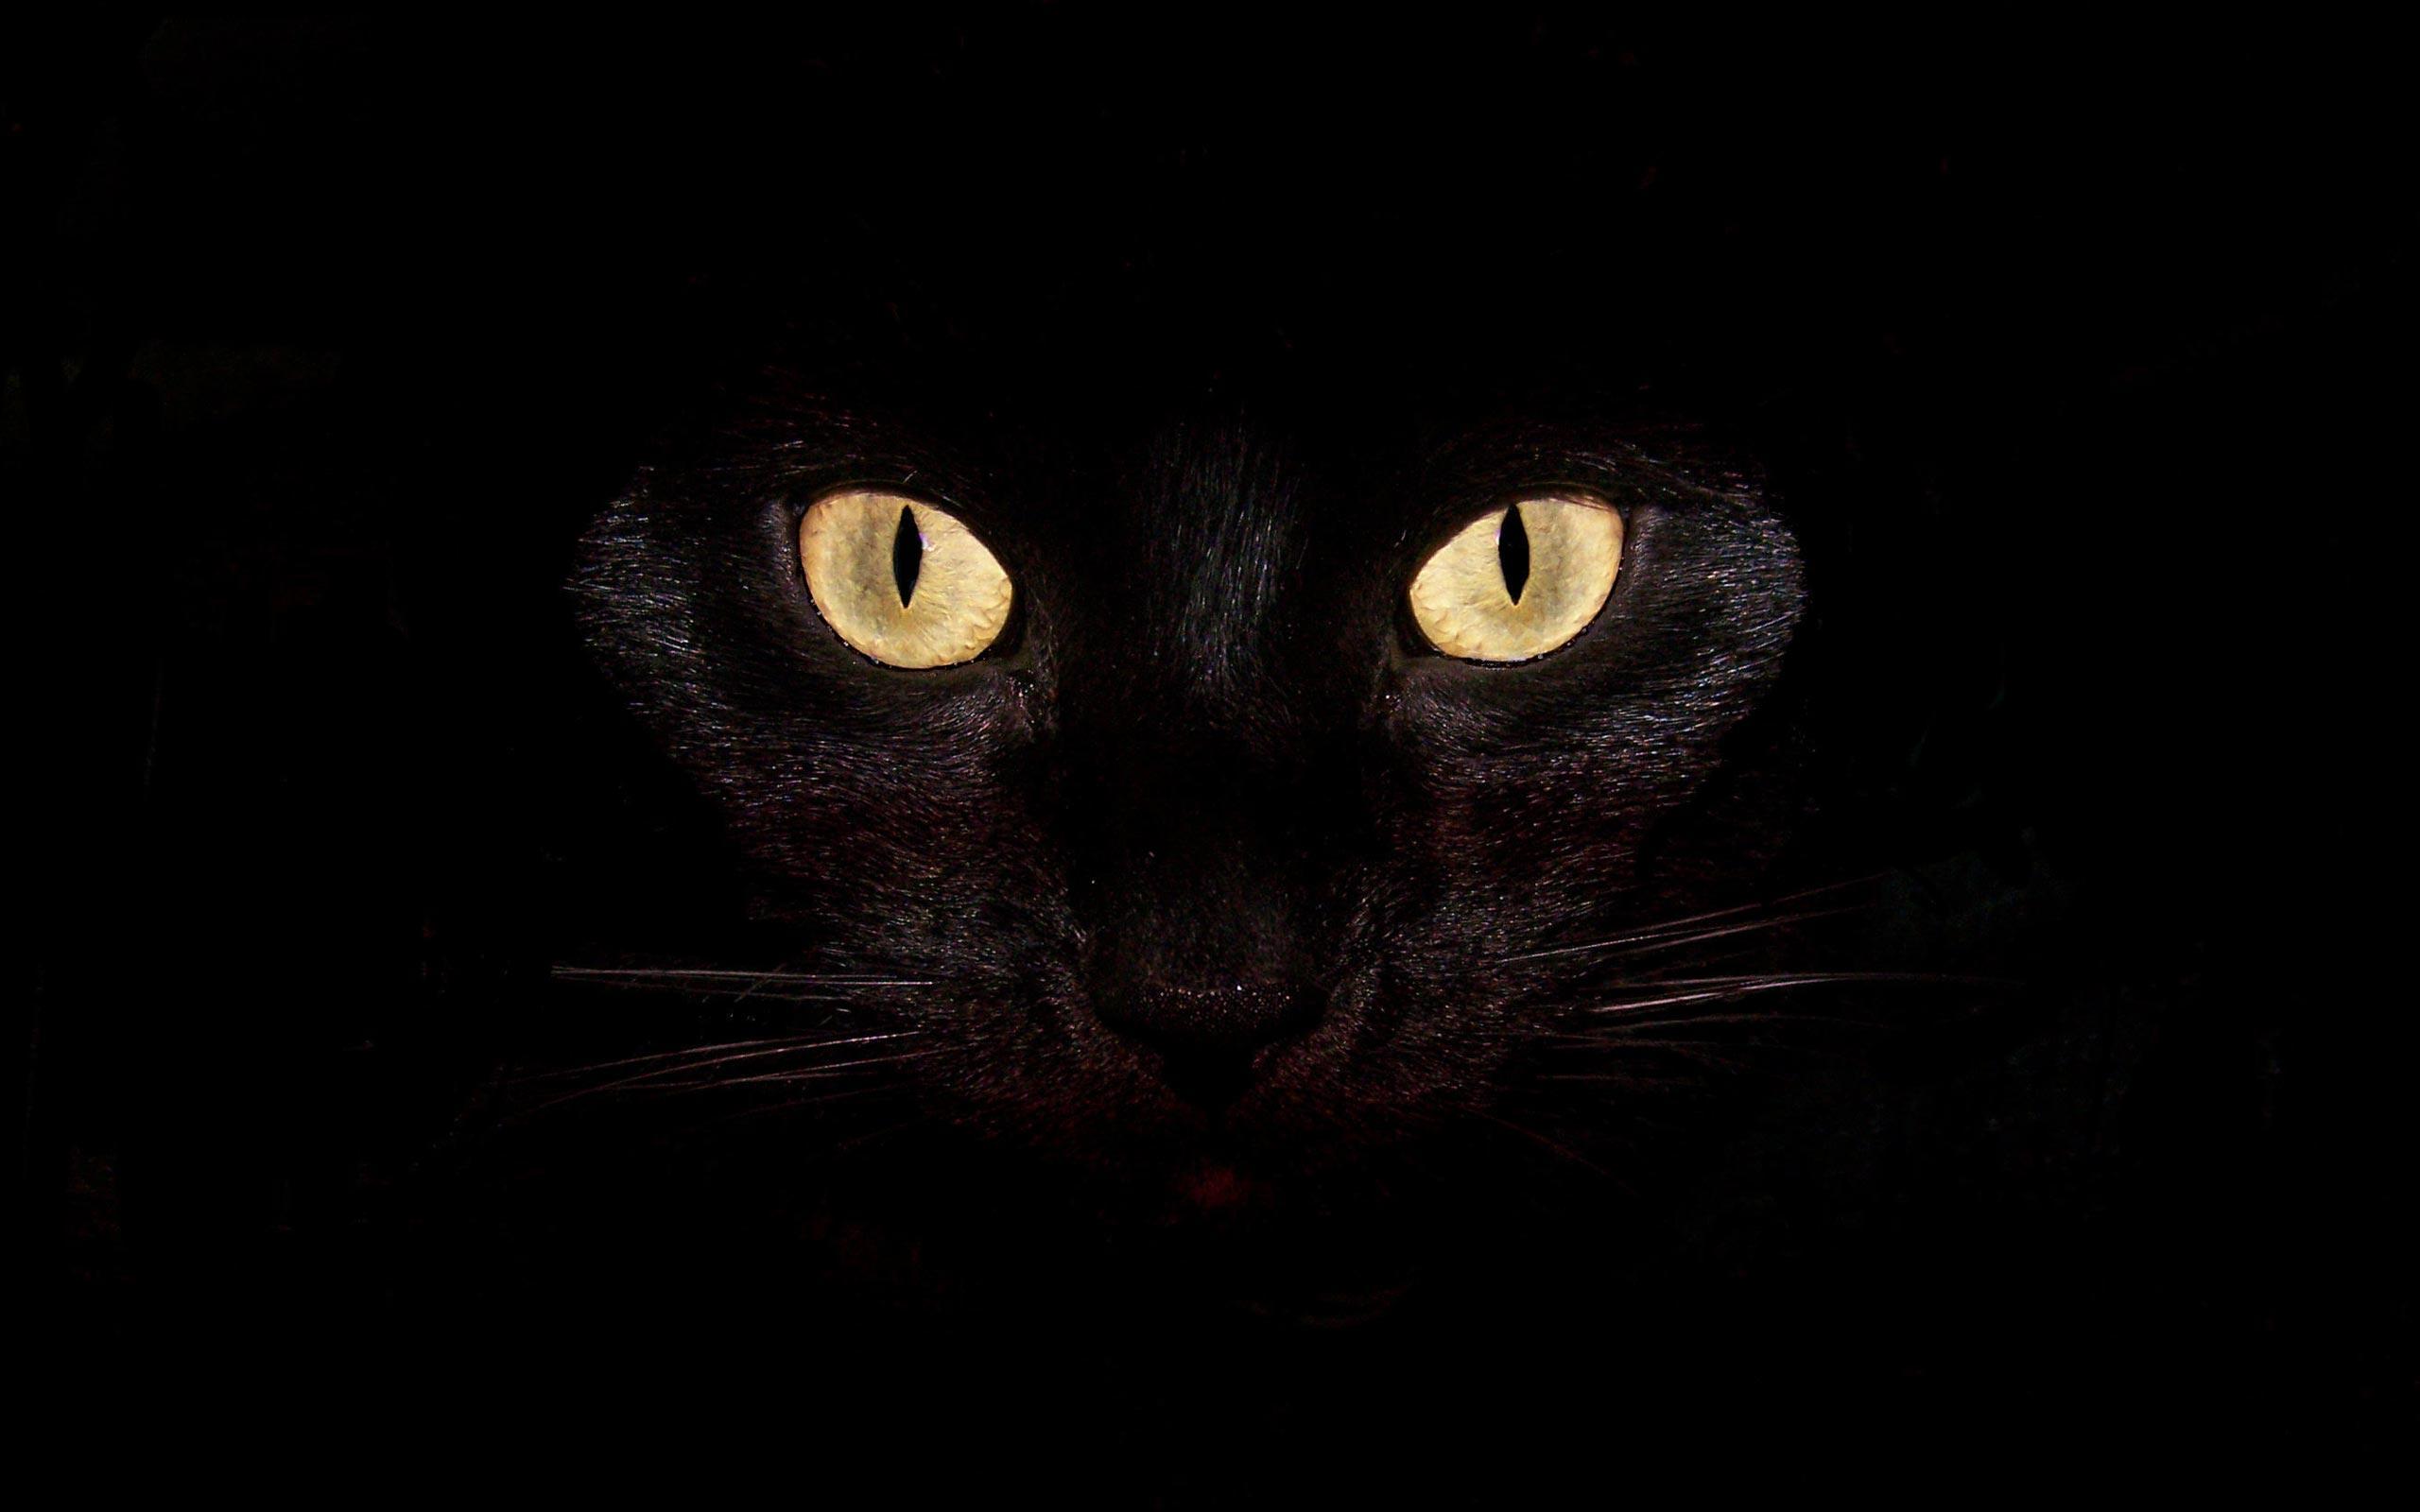 обои на рабочий стол черные кошки на черном фоне № 154890 без смс